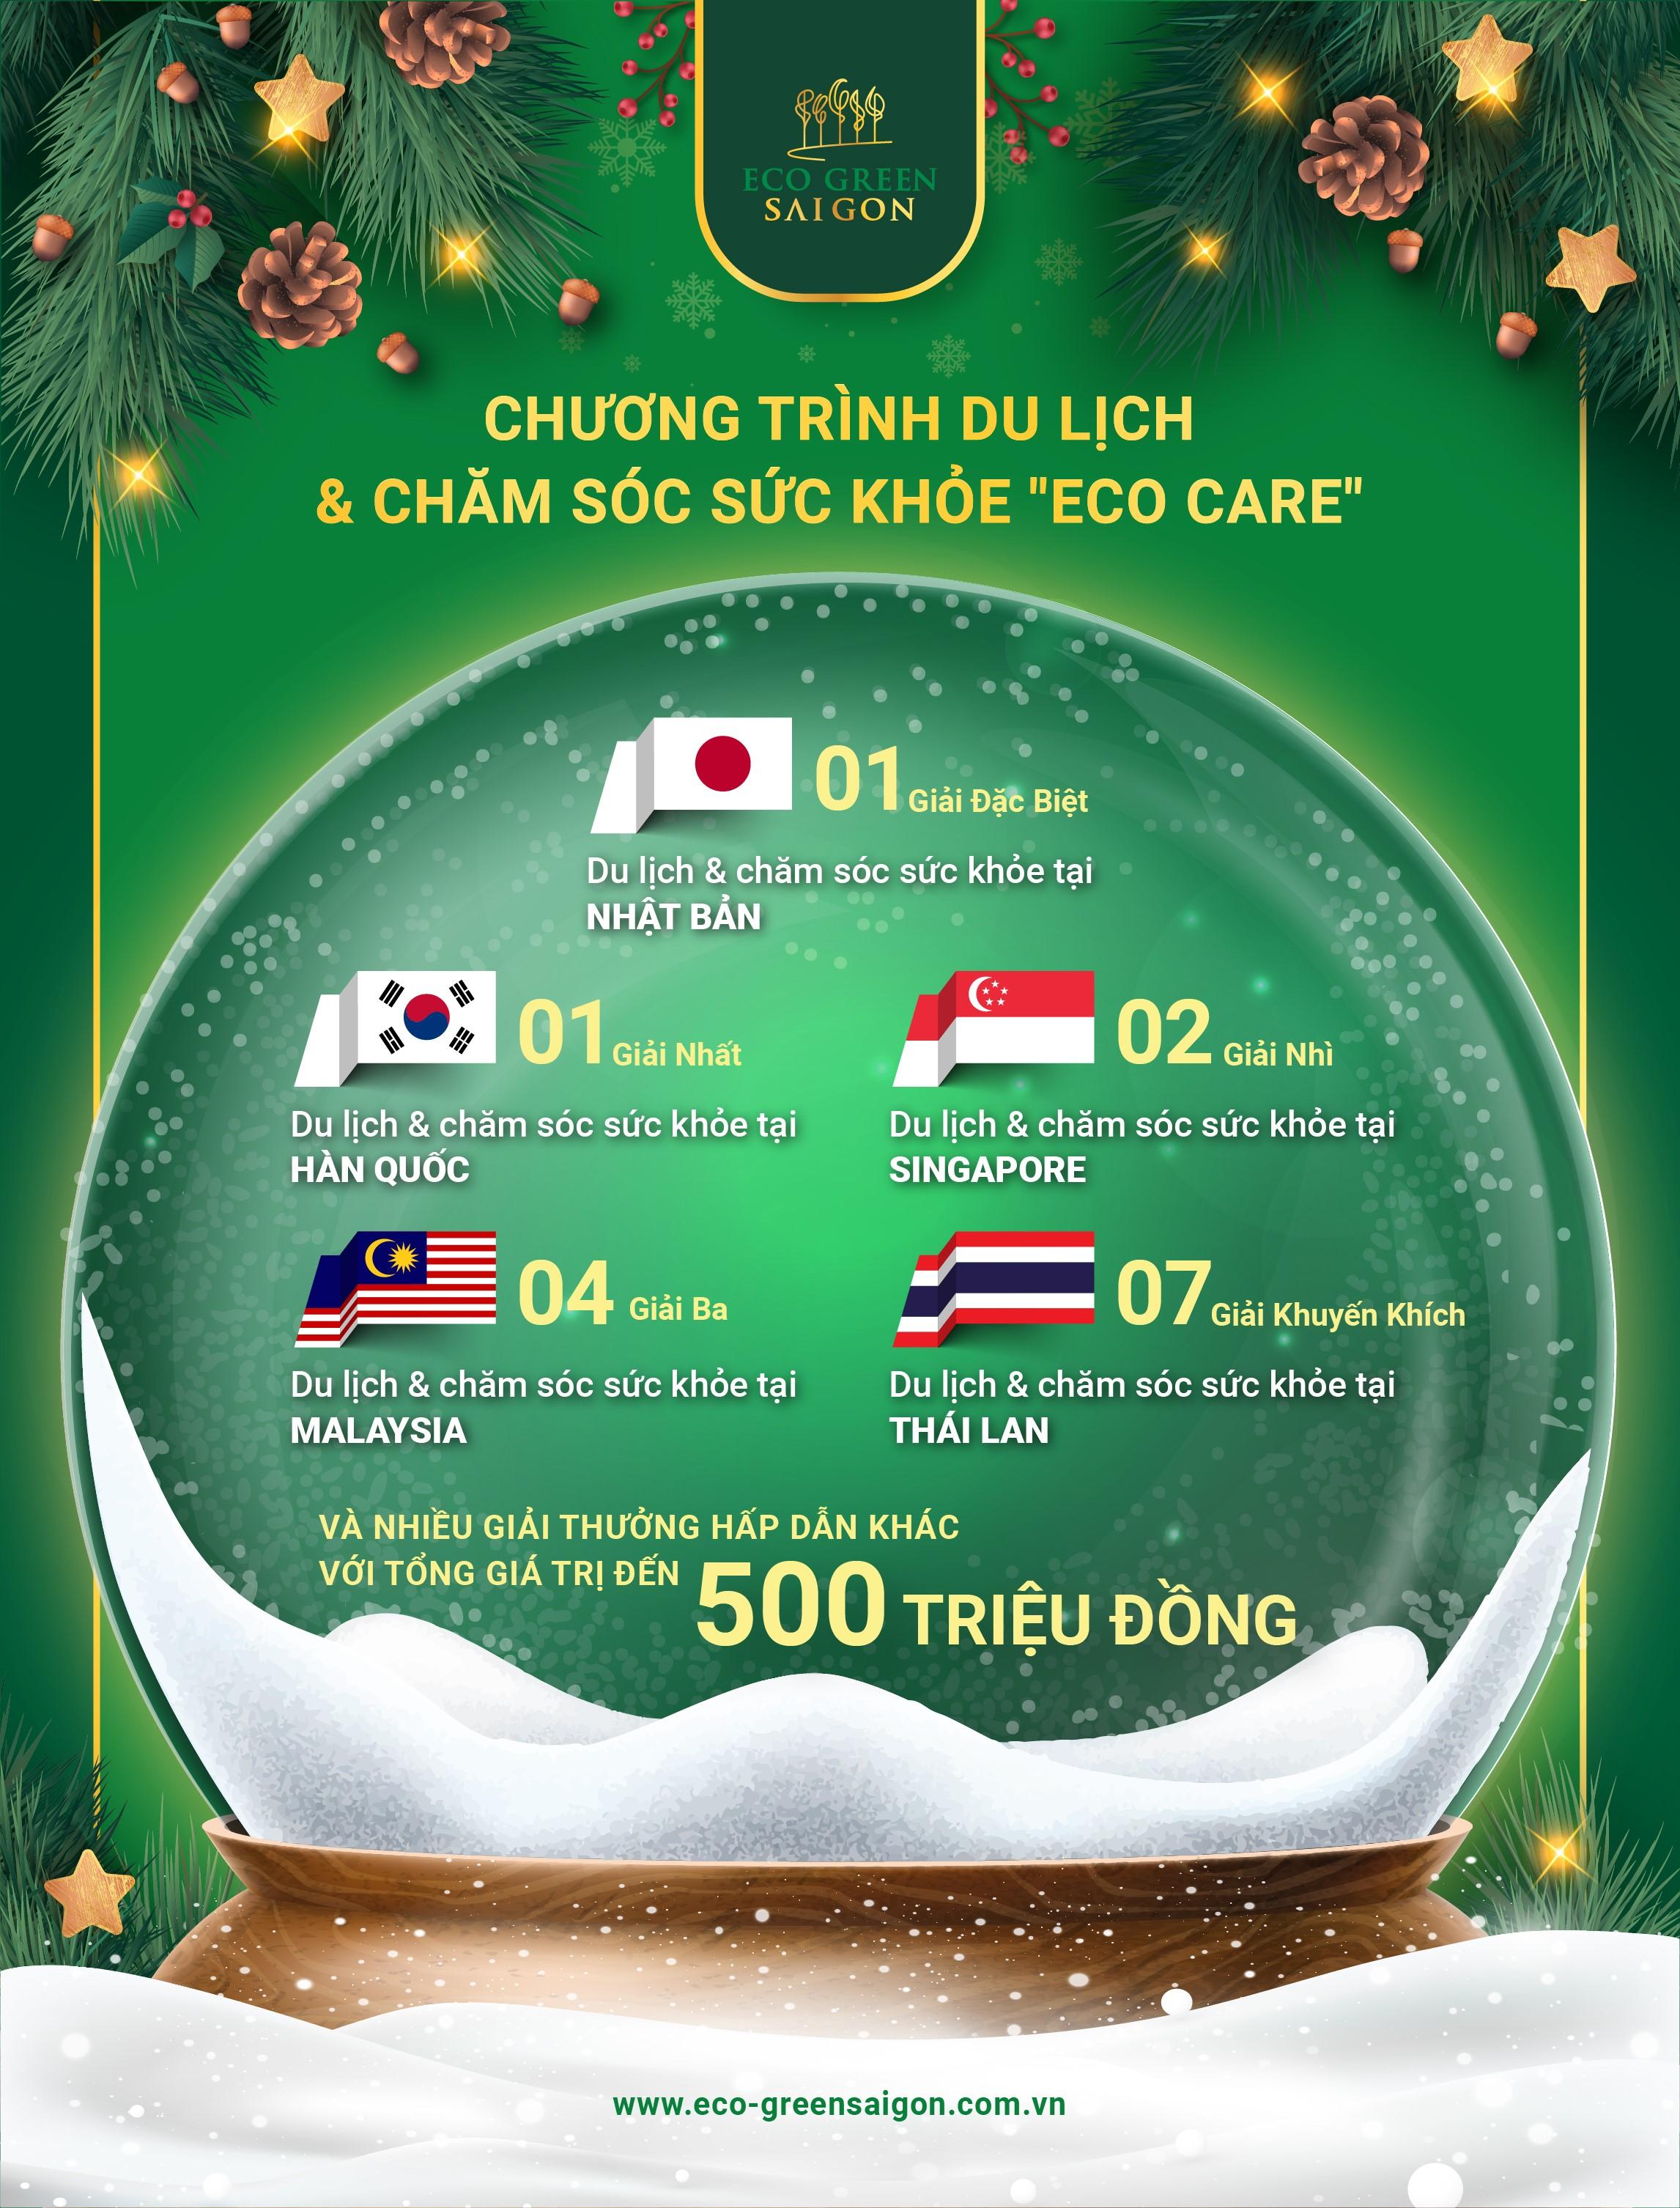 Eco Green Saigon chính thức ra mắt tòa căn hộ giữa lòng công viên eco green saigon 2 1576148282